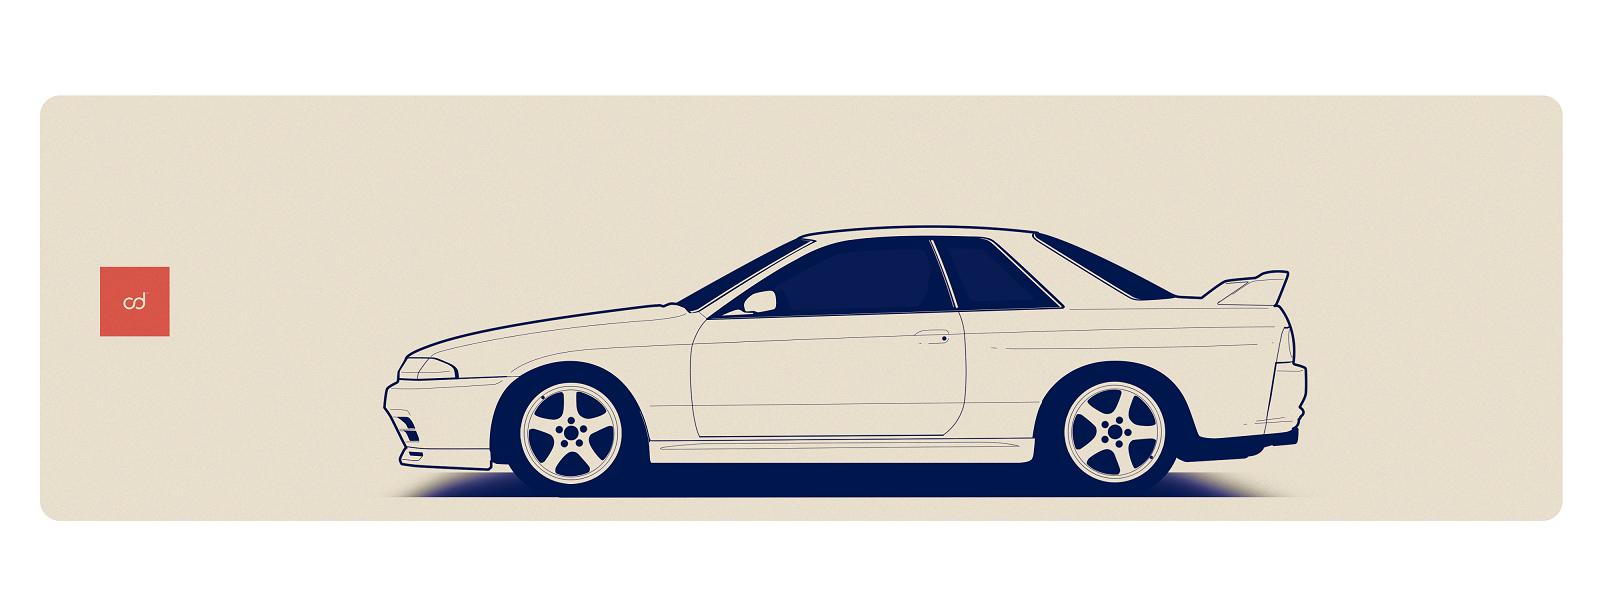 1600x604 Nissan Skyline R32 Gtr By Jacobkuiper